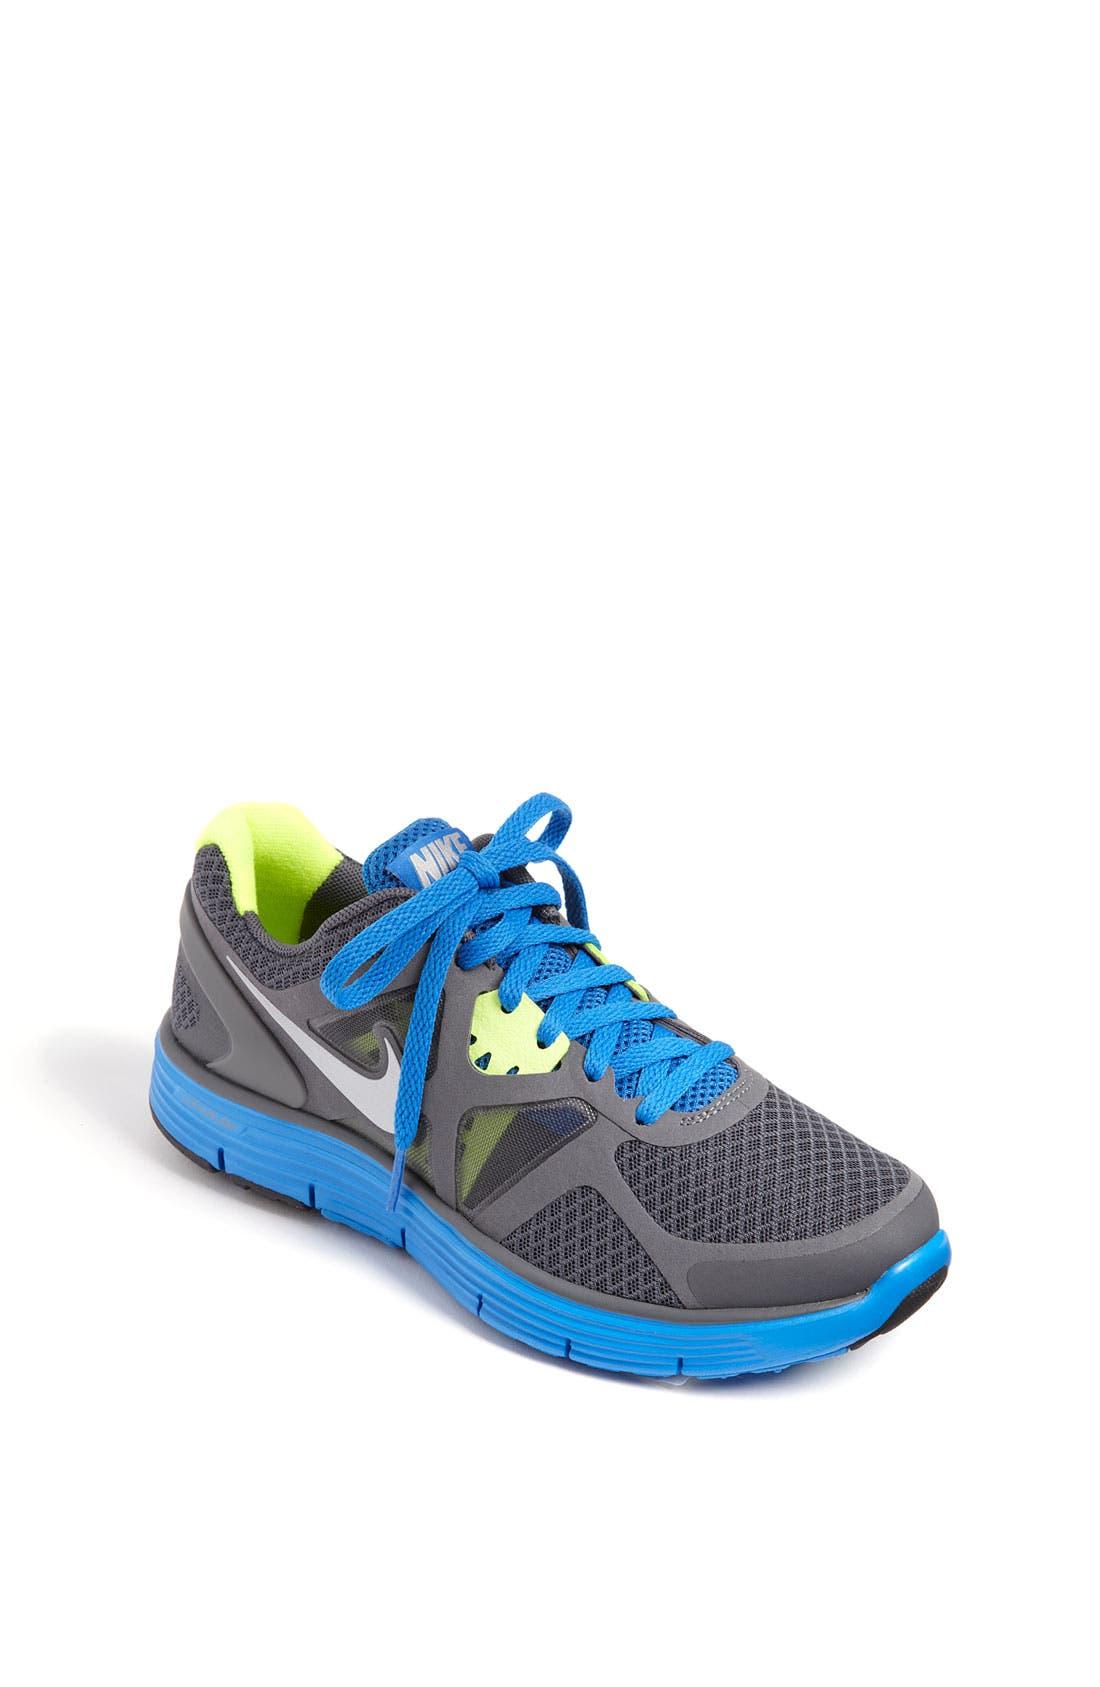 Main Image - Nike 'LunarGlide 3' Running Shoe (Toddler, Little Kid & Big Kid)